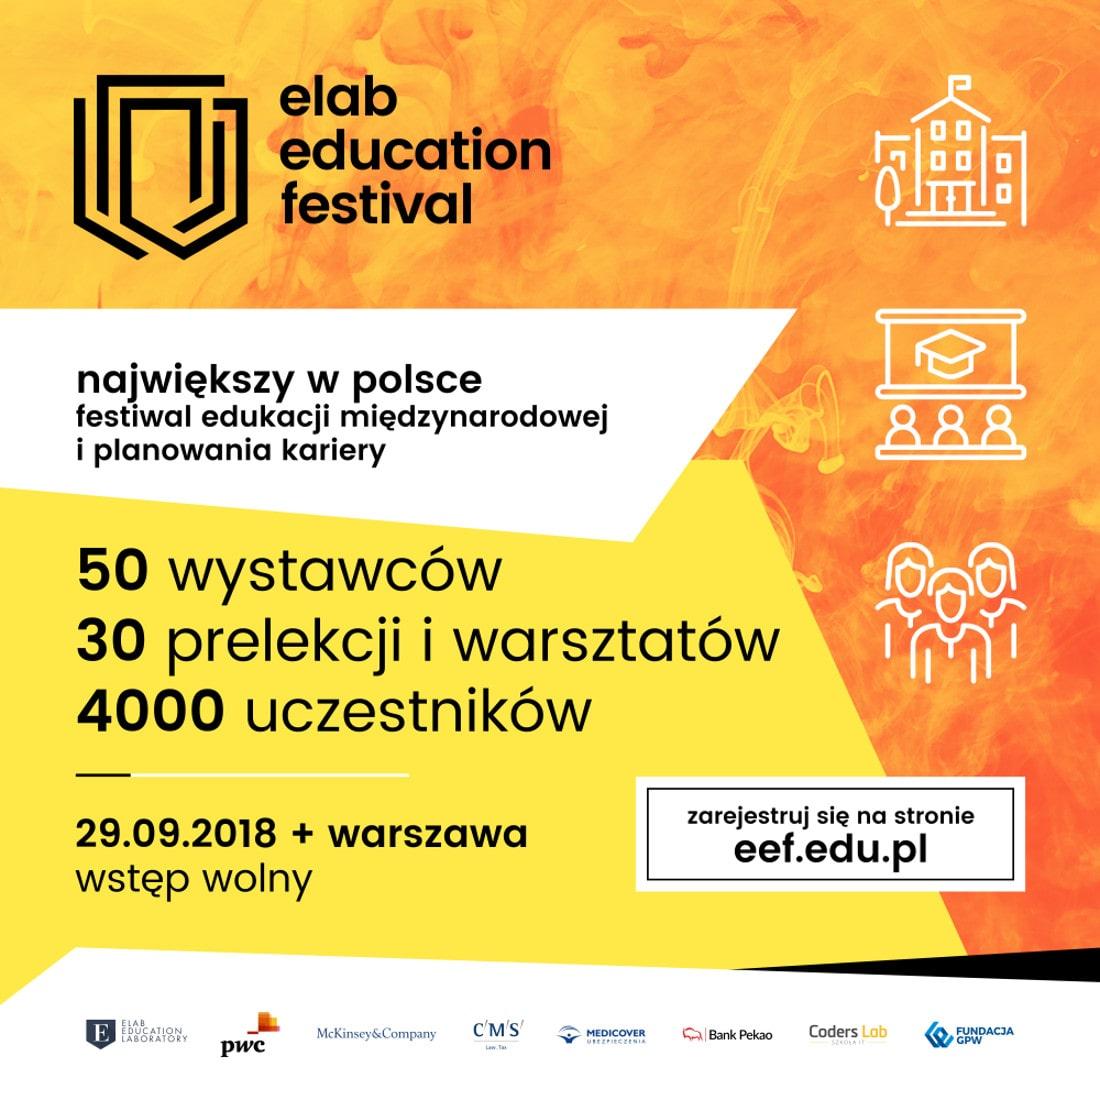 Piąta edycja Elab Education Festival odbędzie się 29 września 2018 roku.